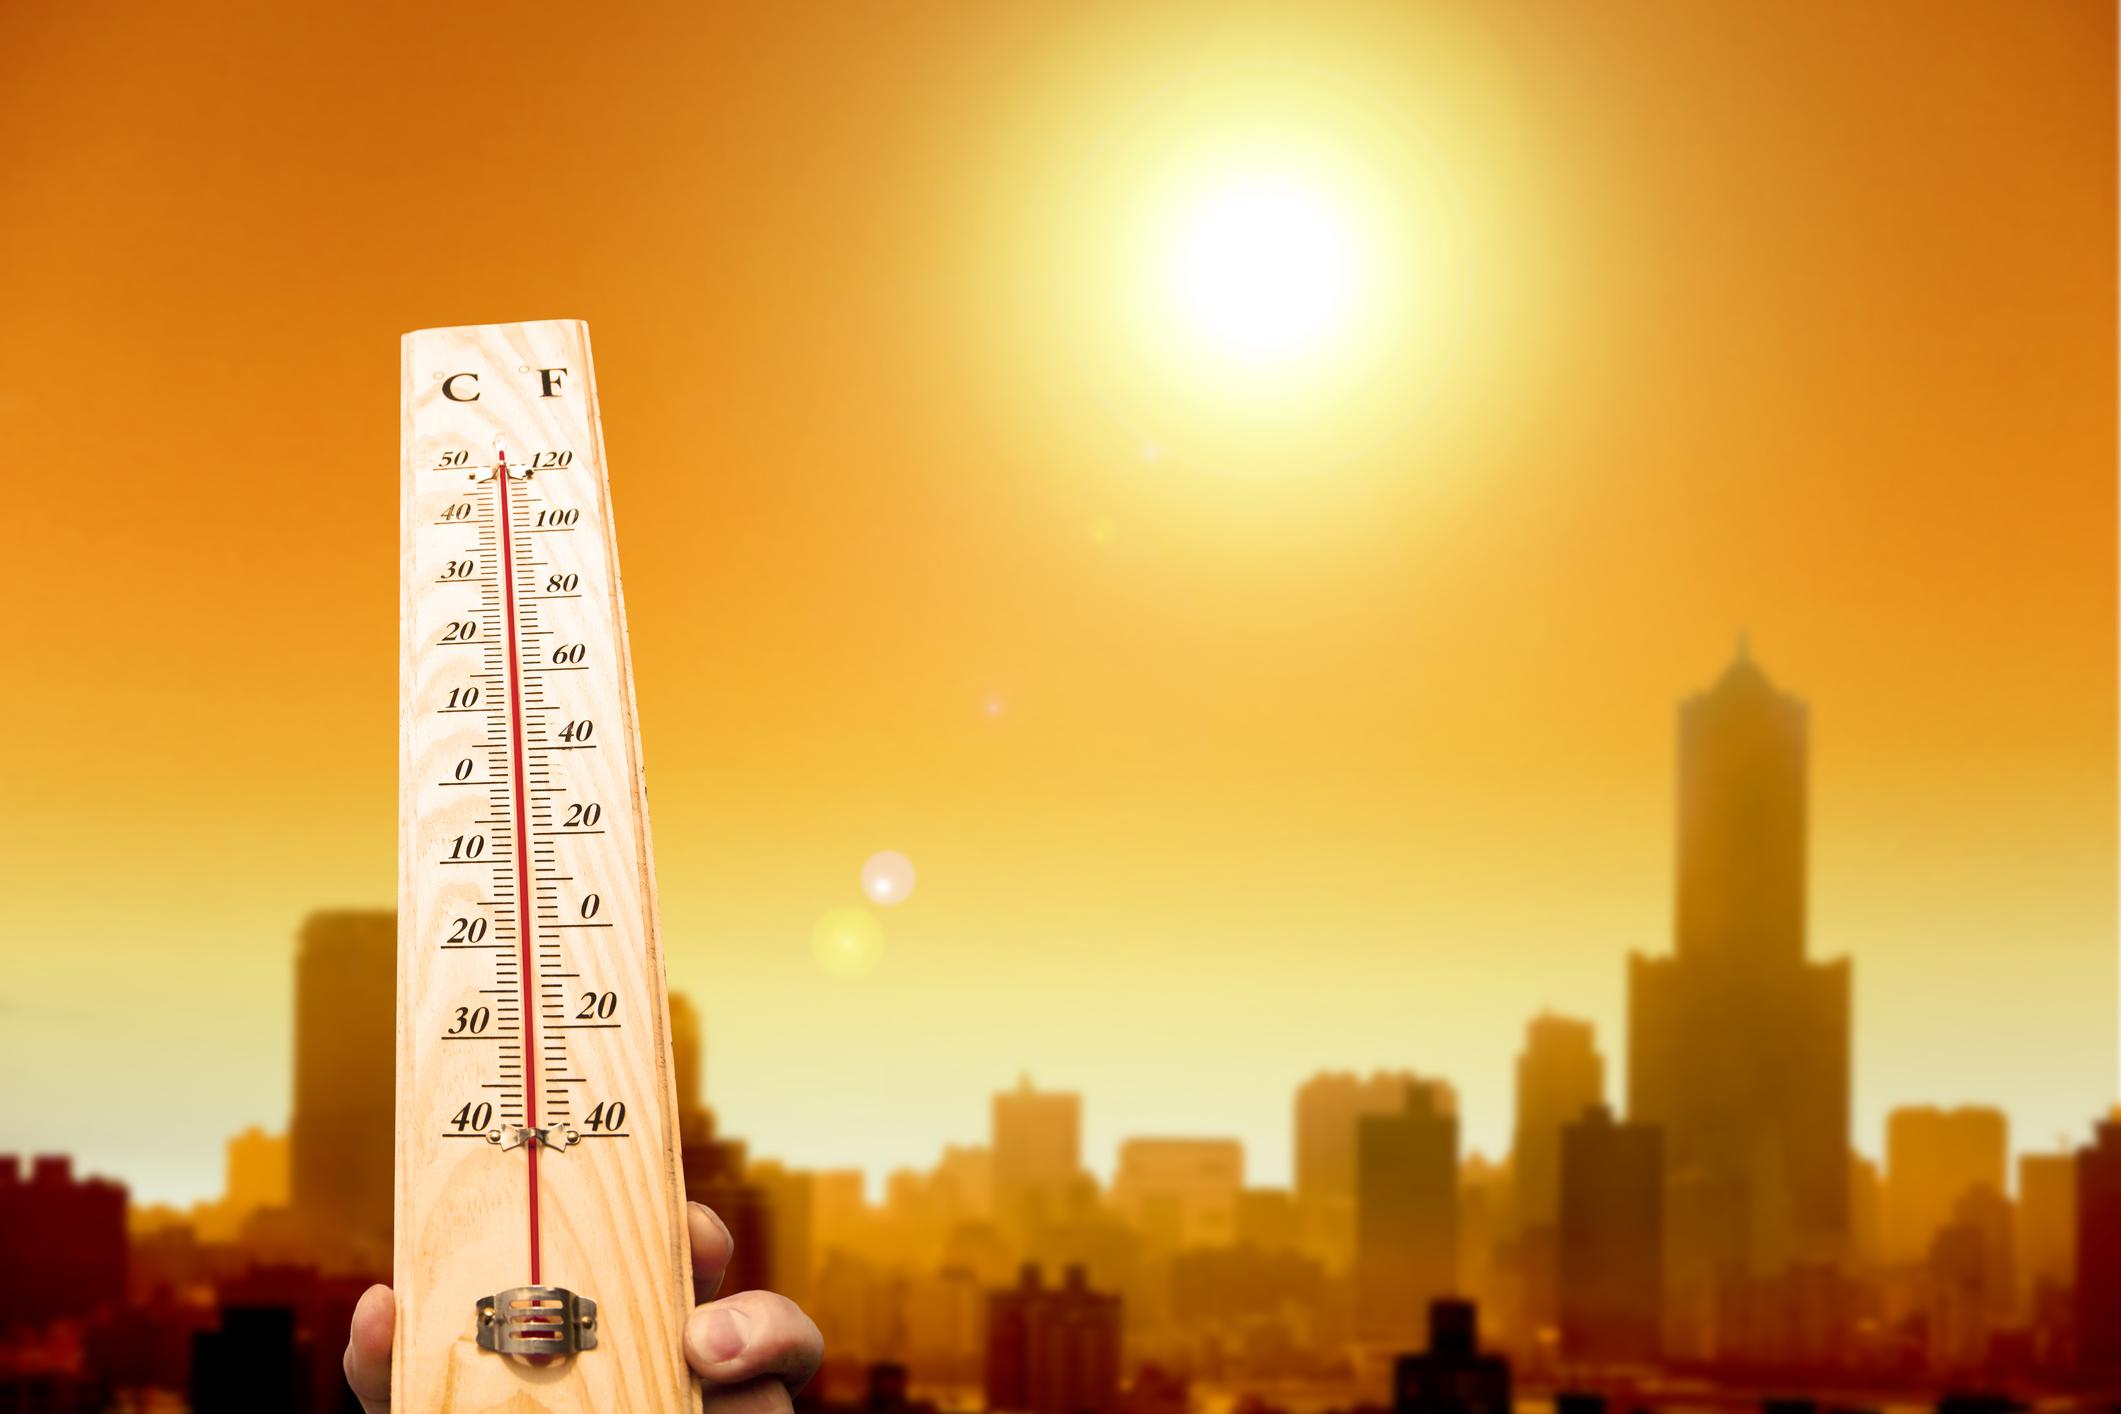 """עומס החום בישראל: פיתוח כלי חיזוי לתנאים המקומיים עפ""""י נתונים בסקלה סינופטית כאמצעי לחיזוי התנאים העתידיים"""